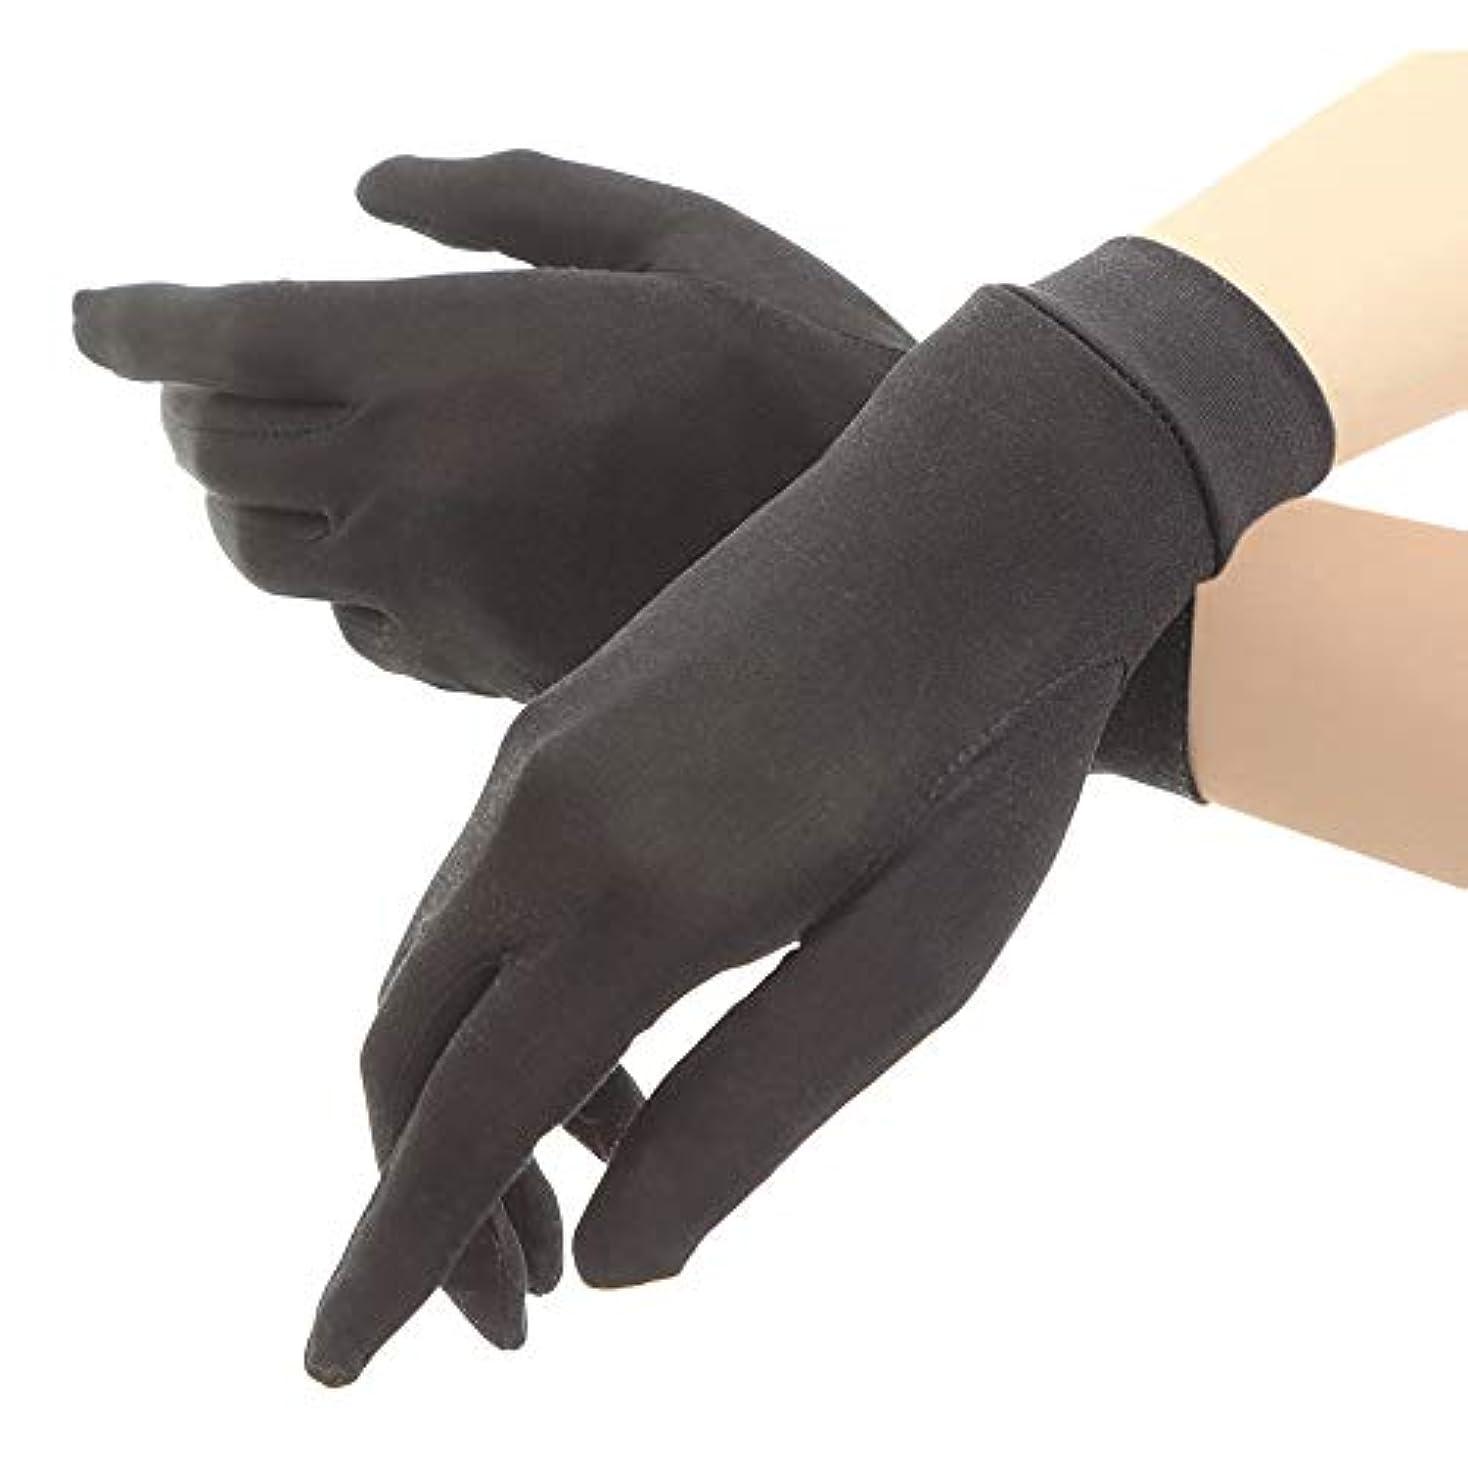 外国人レビュー俳句シルク手袋 レディース 手袋 シルク 絹 ハンド ケア 保湿 紫外線 肌荒れ 乾燥 サイズアップで手指にマッチ 【macch】